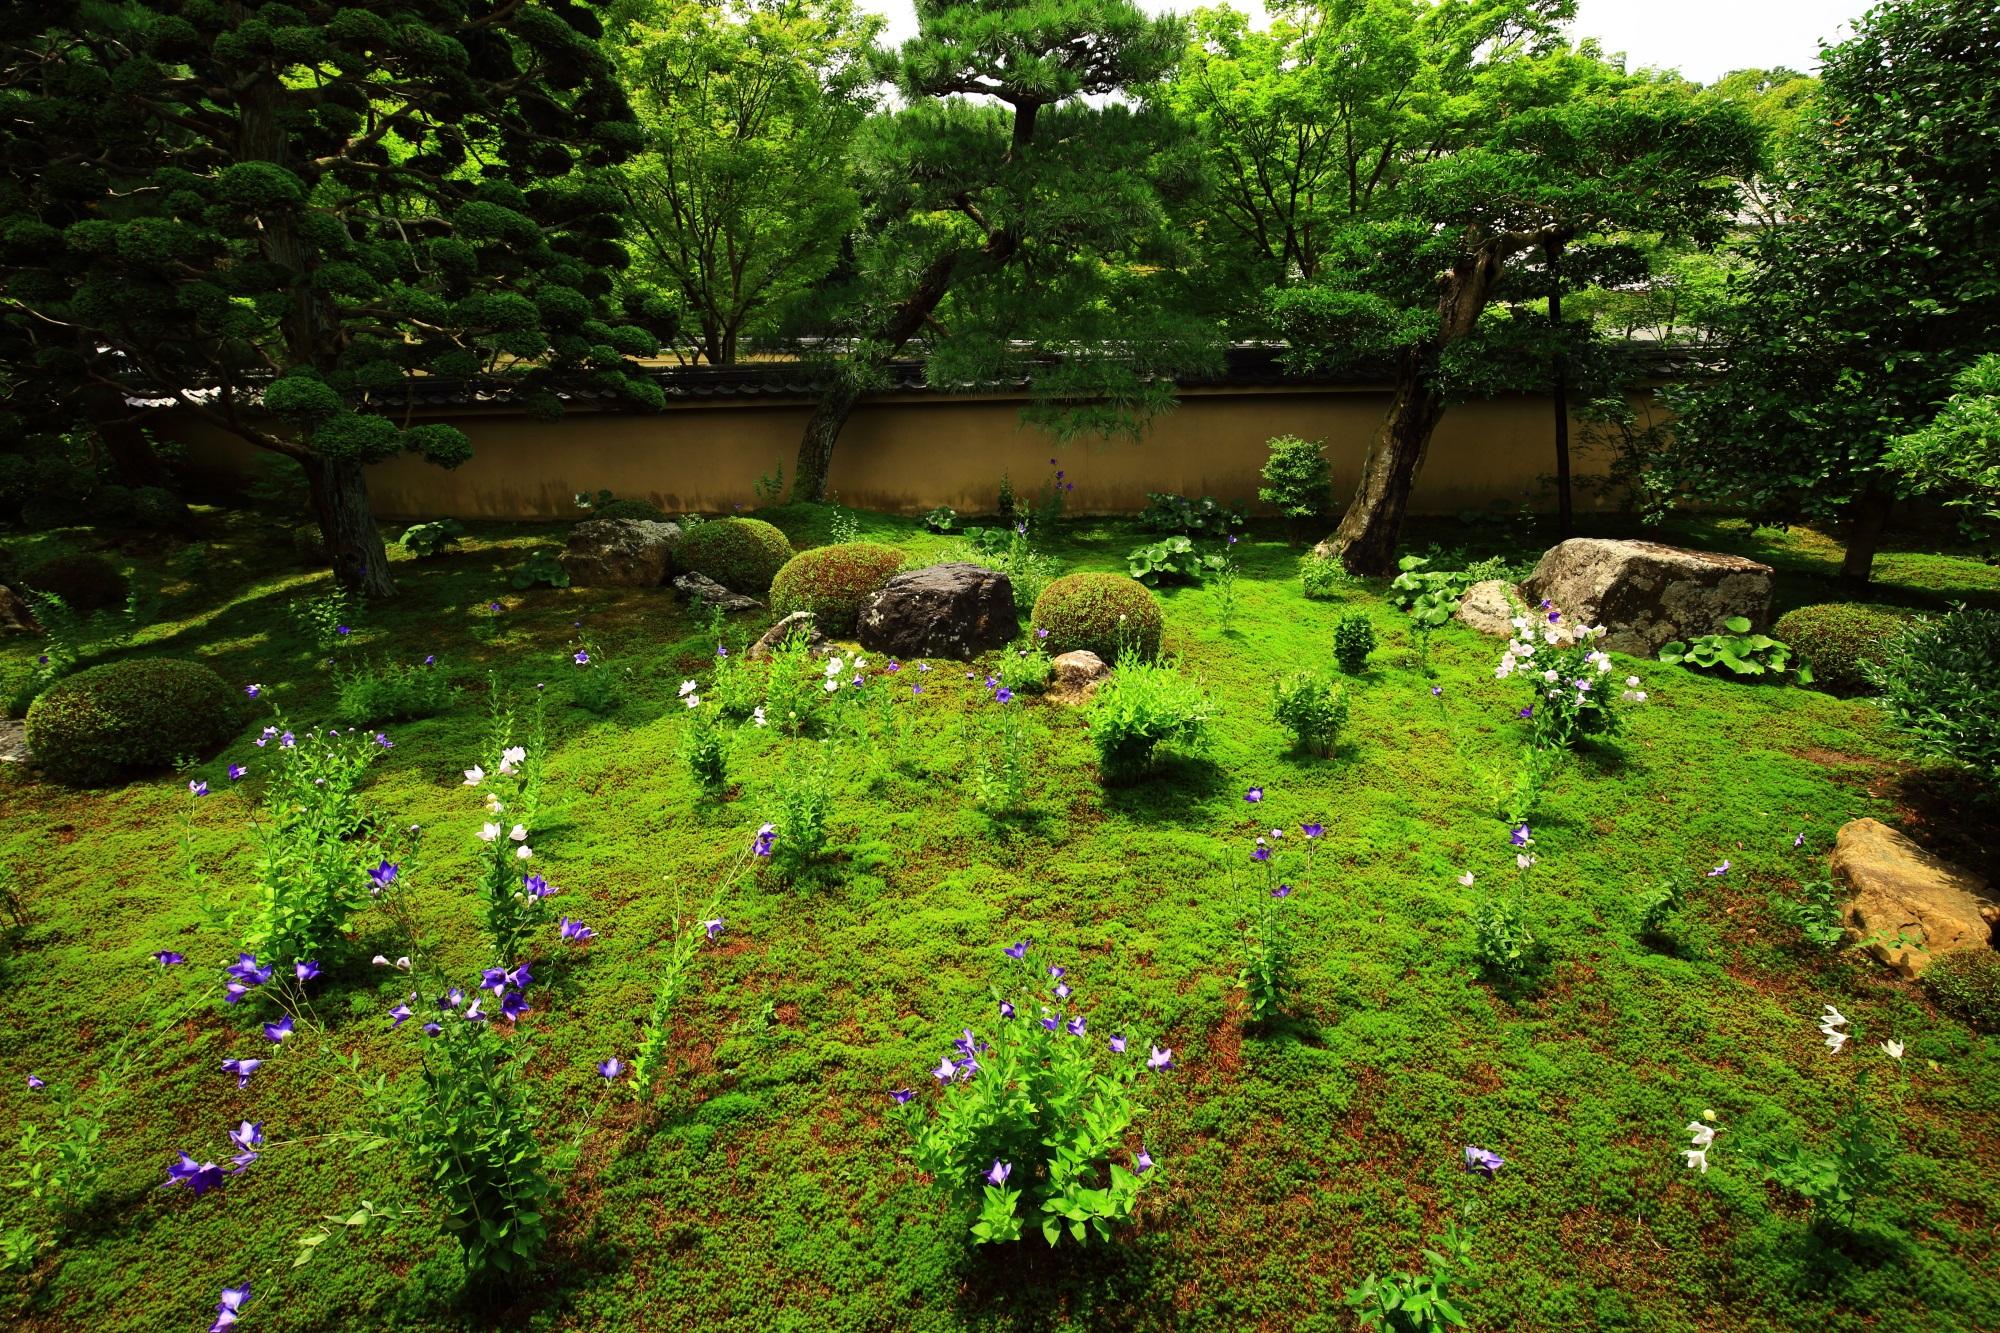 天得院の鮮やかな緑の苔の上で華やぐ桔梗